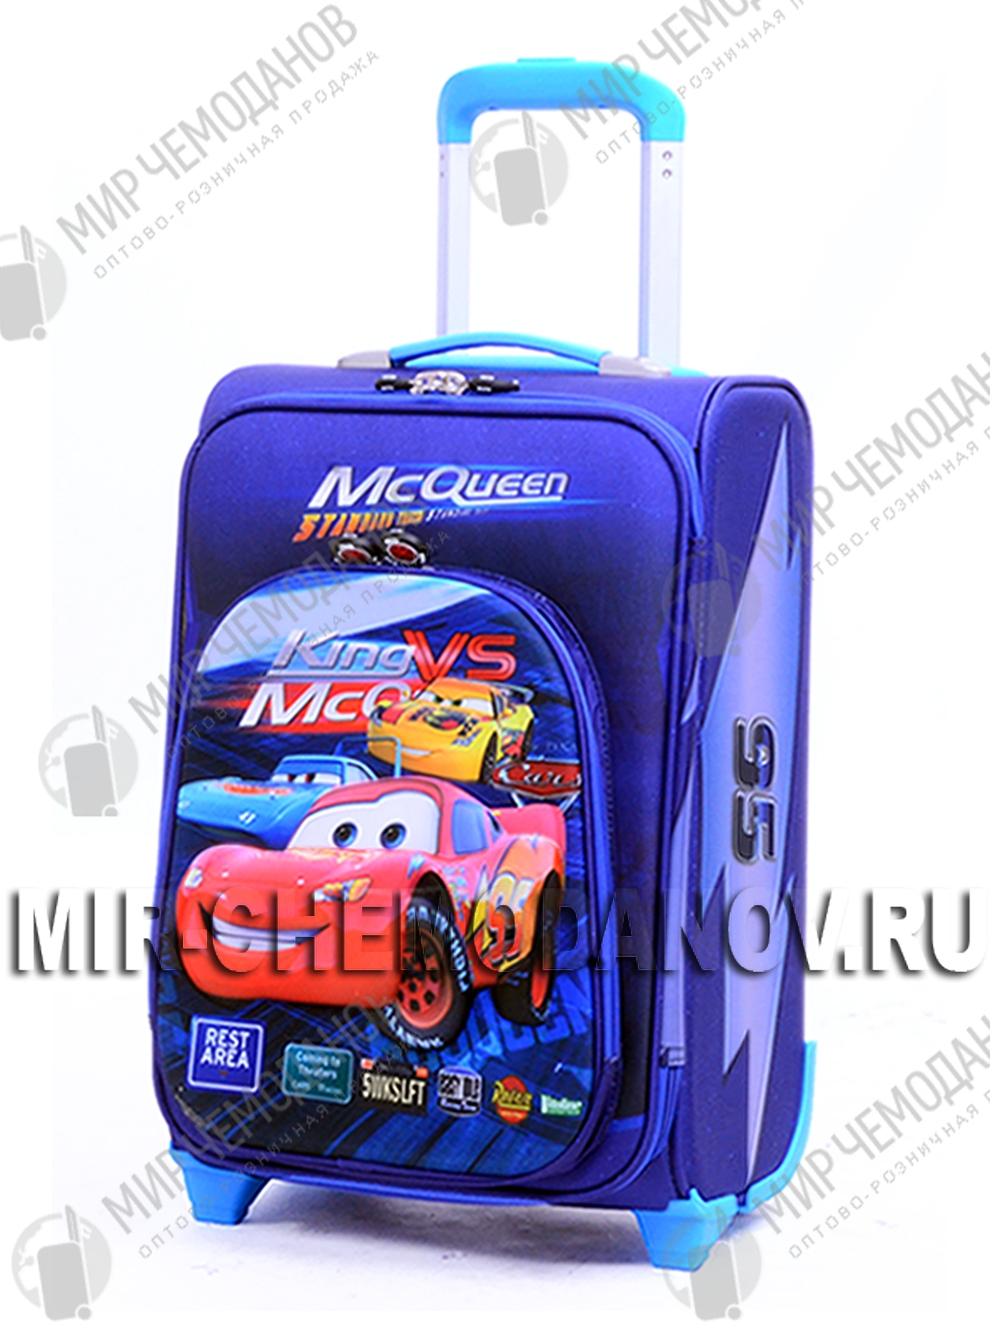 Новый сбор чемоданы, сумки, чехлы